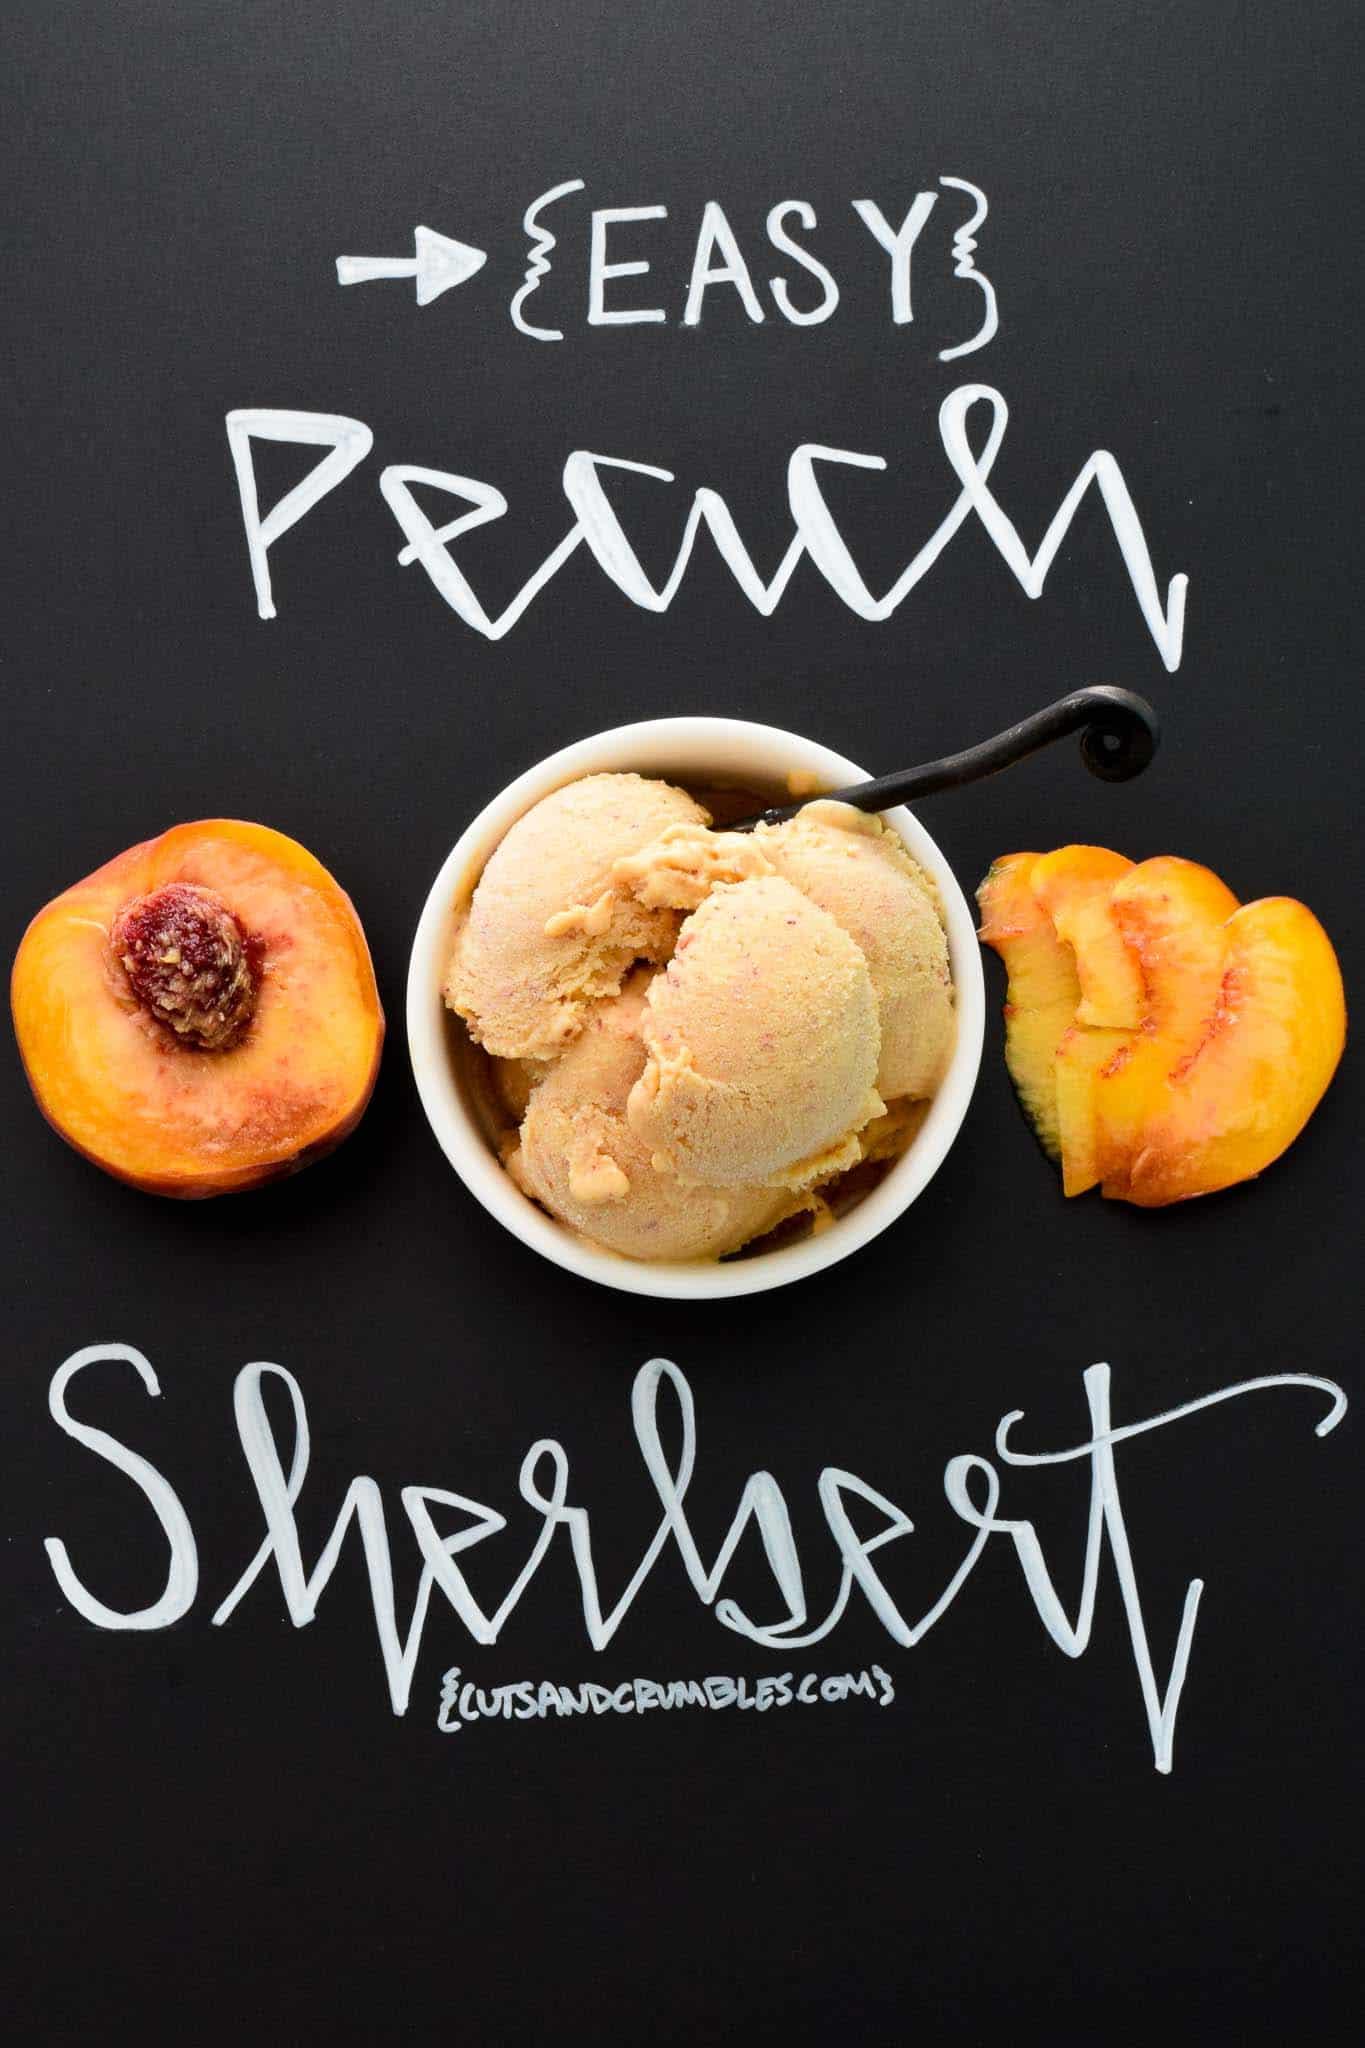 Easy Peach Sherbert with title written on chalkboard